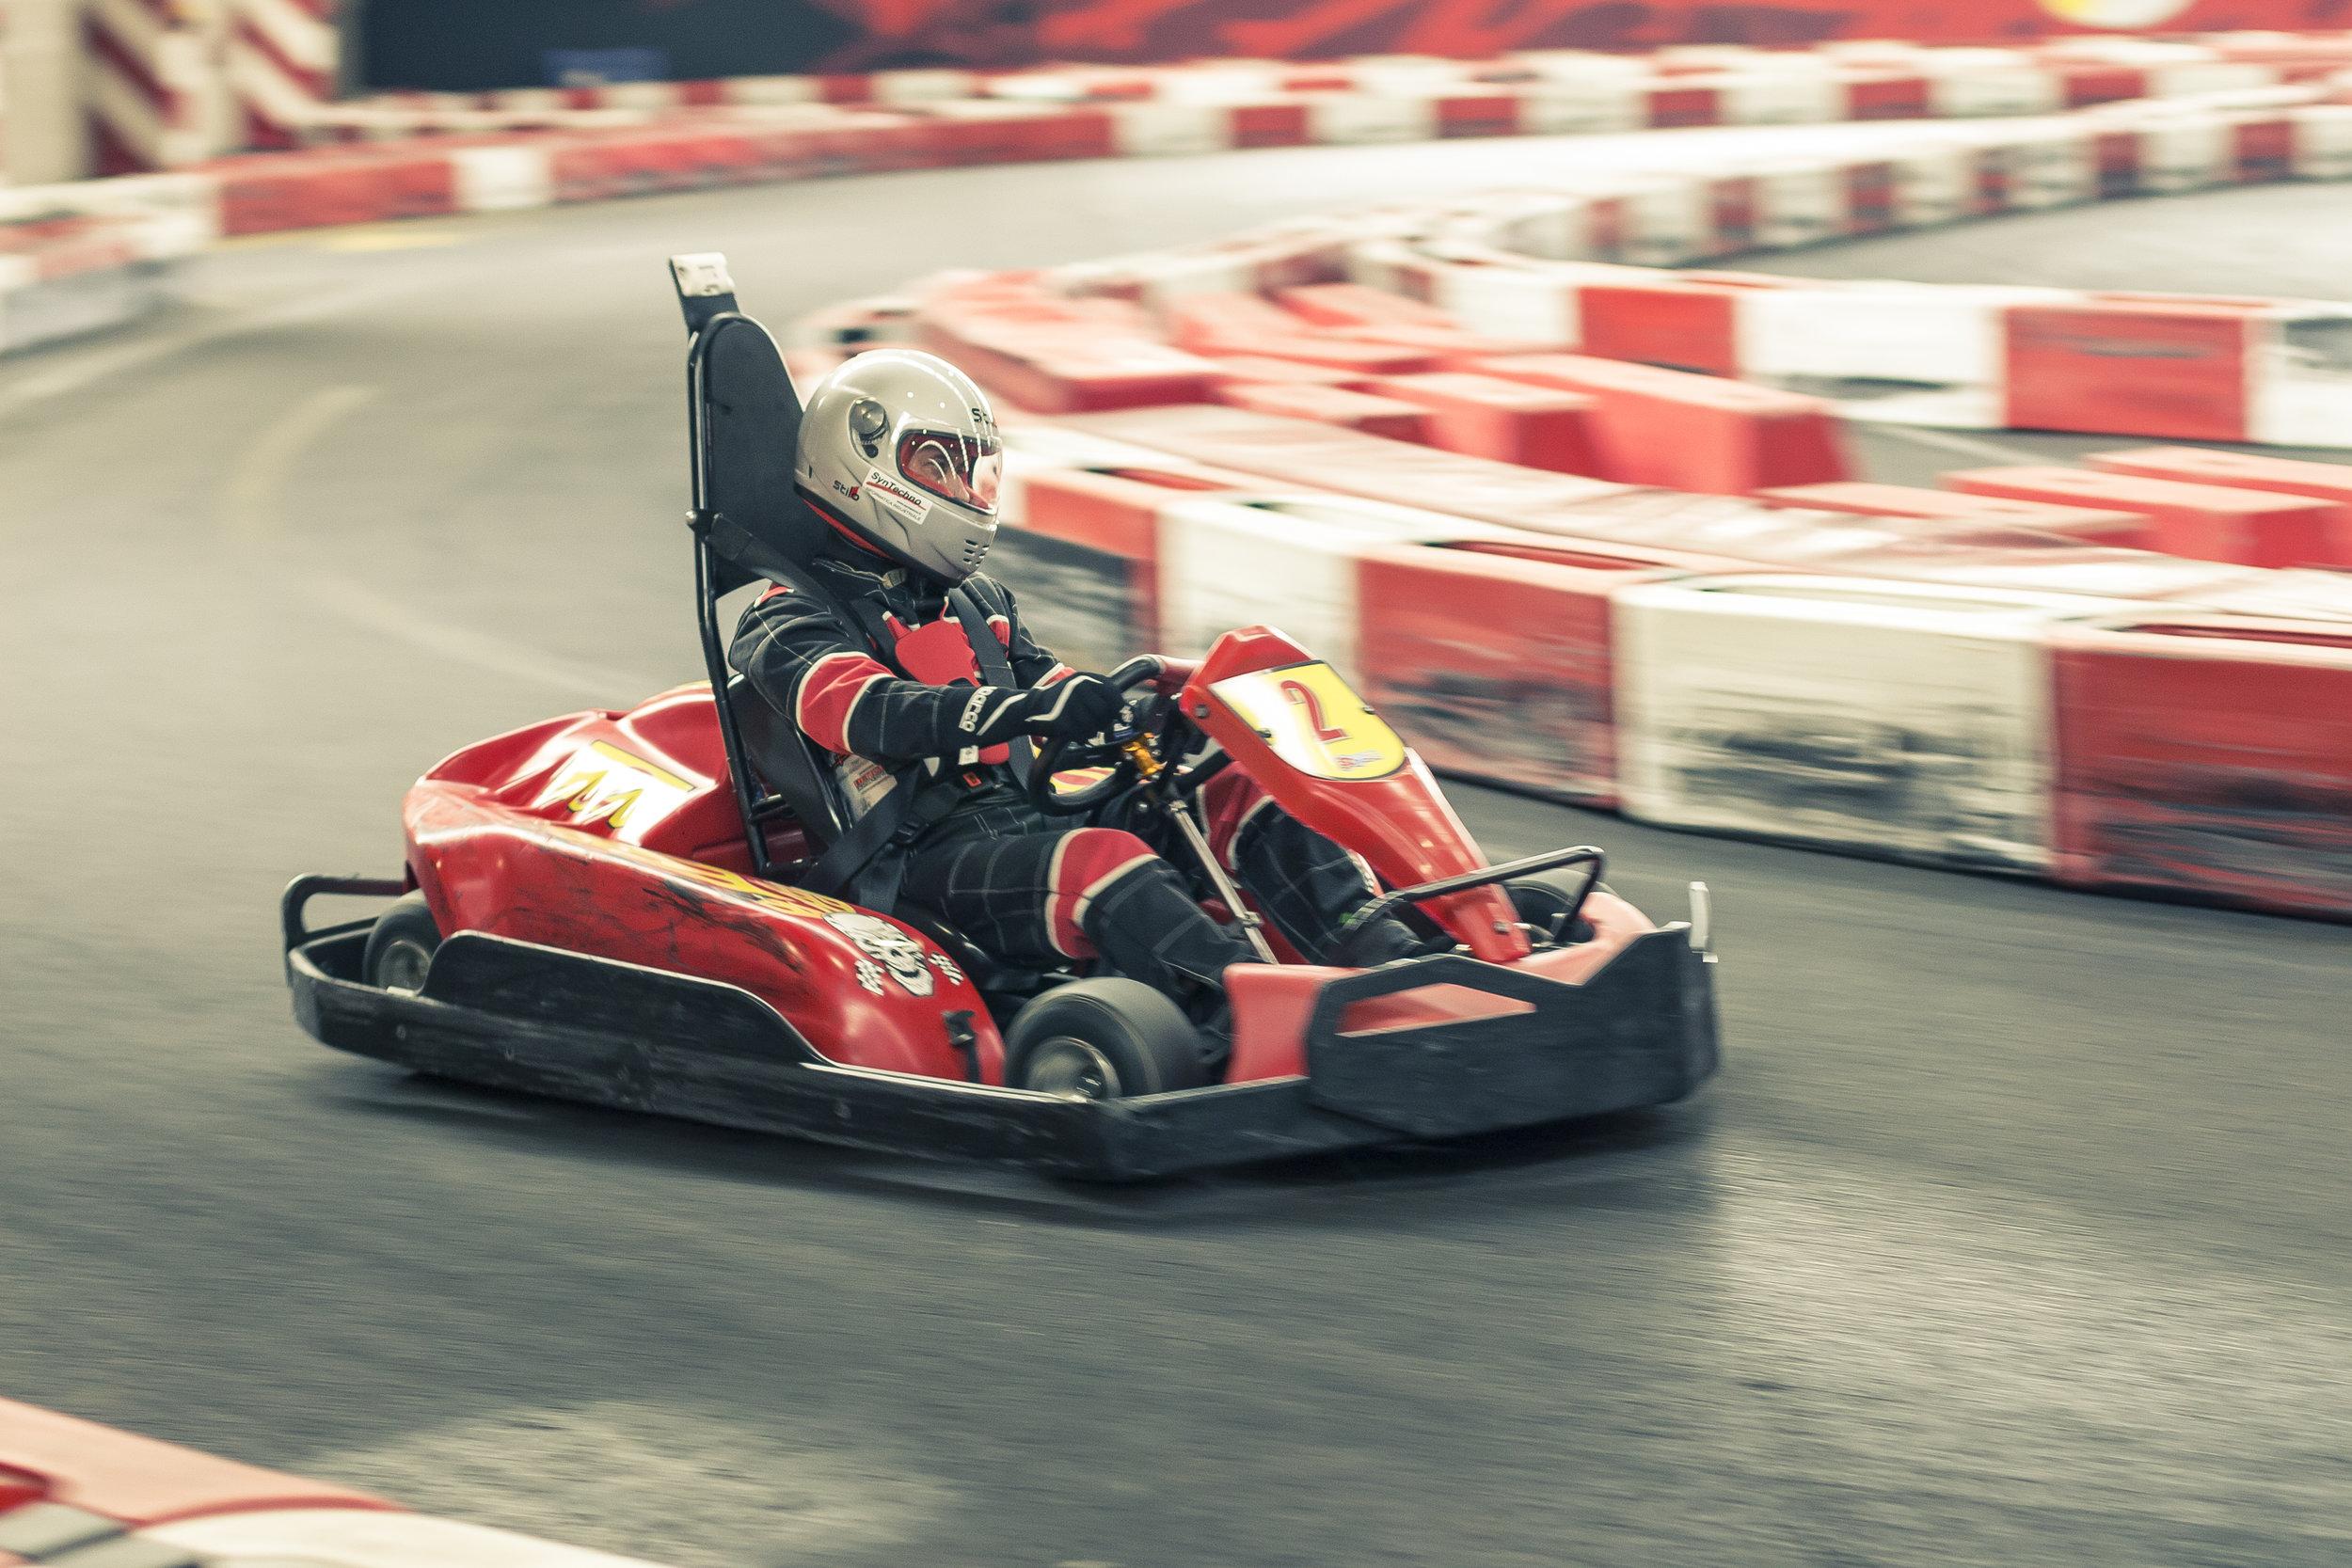 cesare andrea ferrari fotografo racing automotive sport